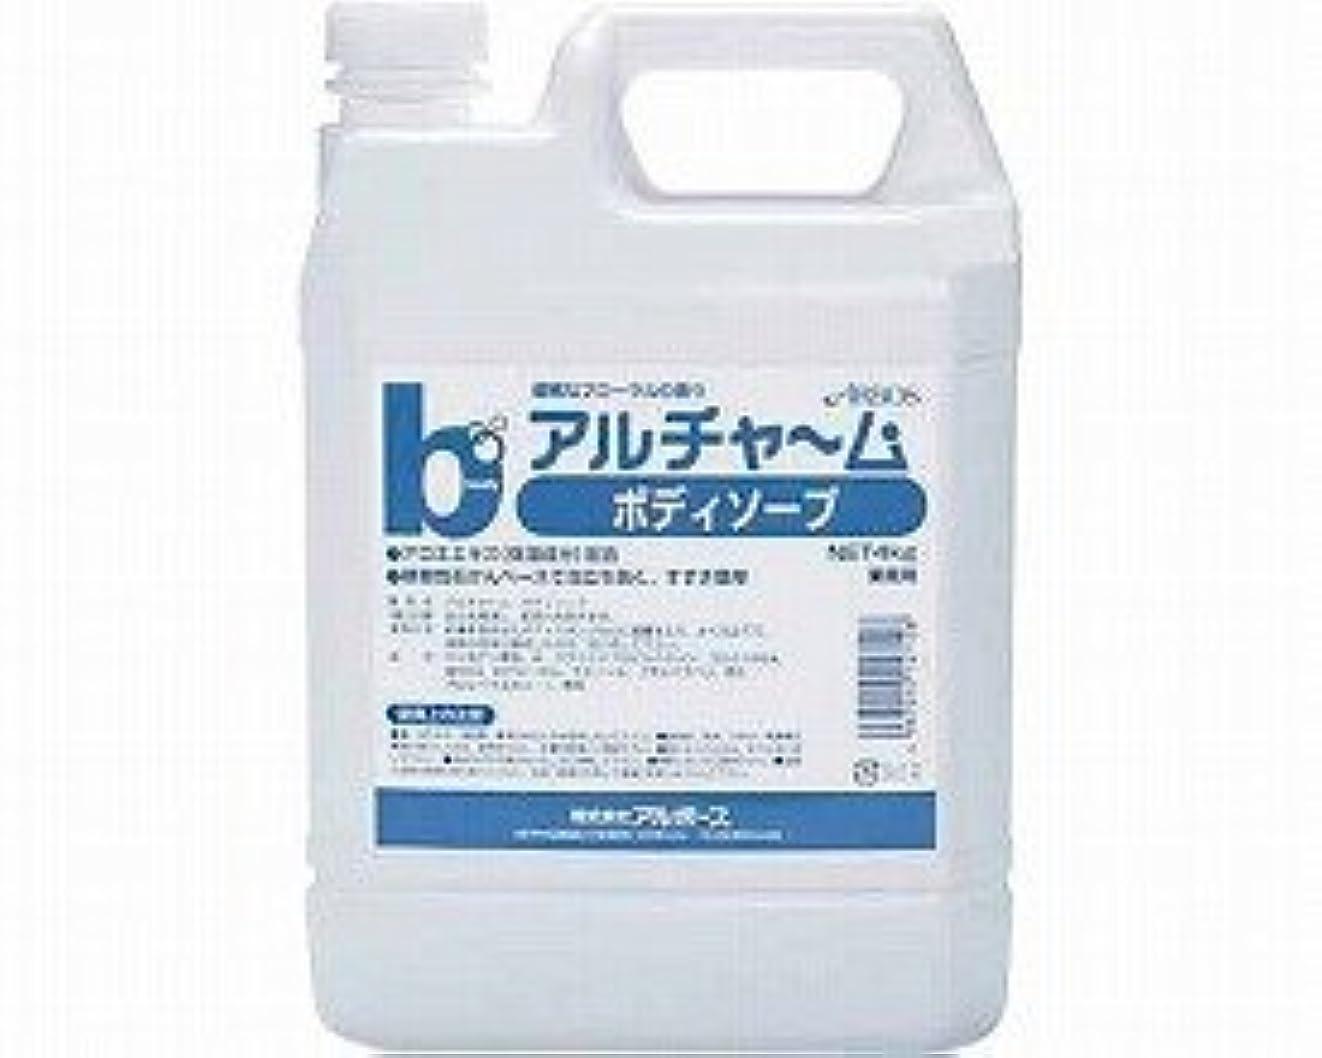 犬反発マンハッタンアルチャーム ボディソープ 4kg (アルボース) (清拭小物)